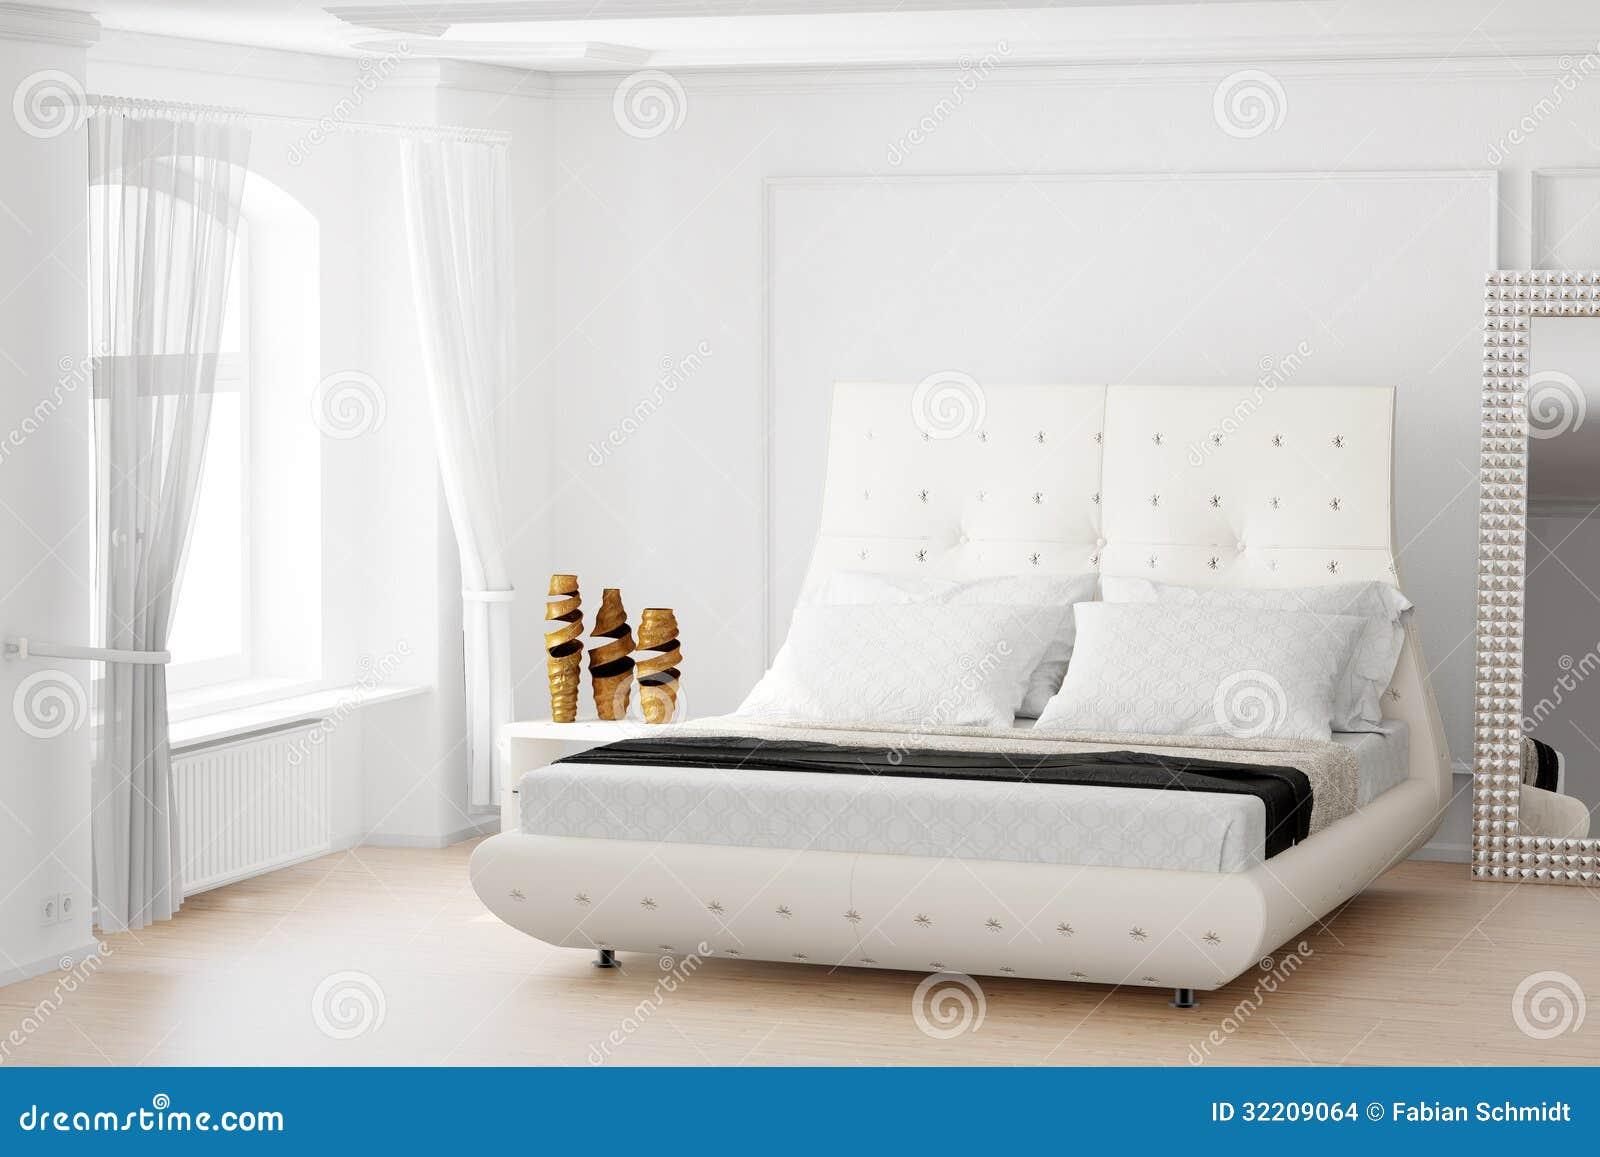 Slaapkamer Met Spiegel Stock Afbeeldingen - Beeld: 32209064